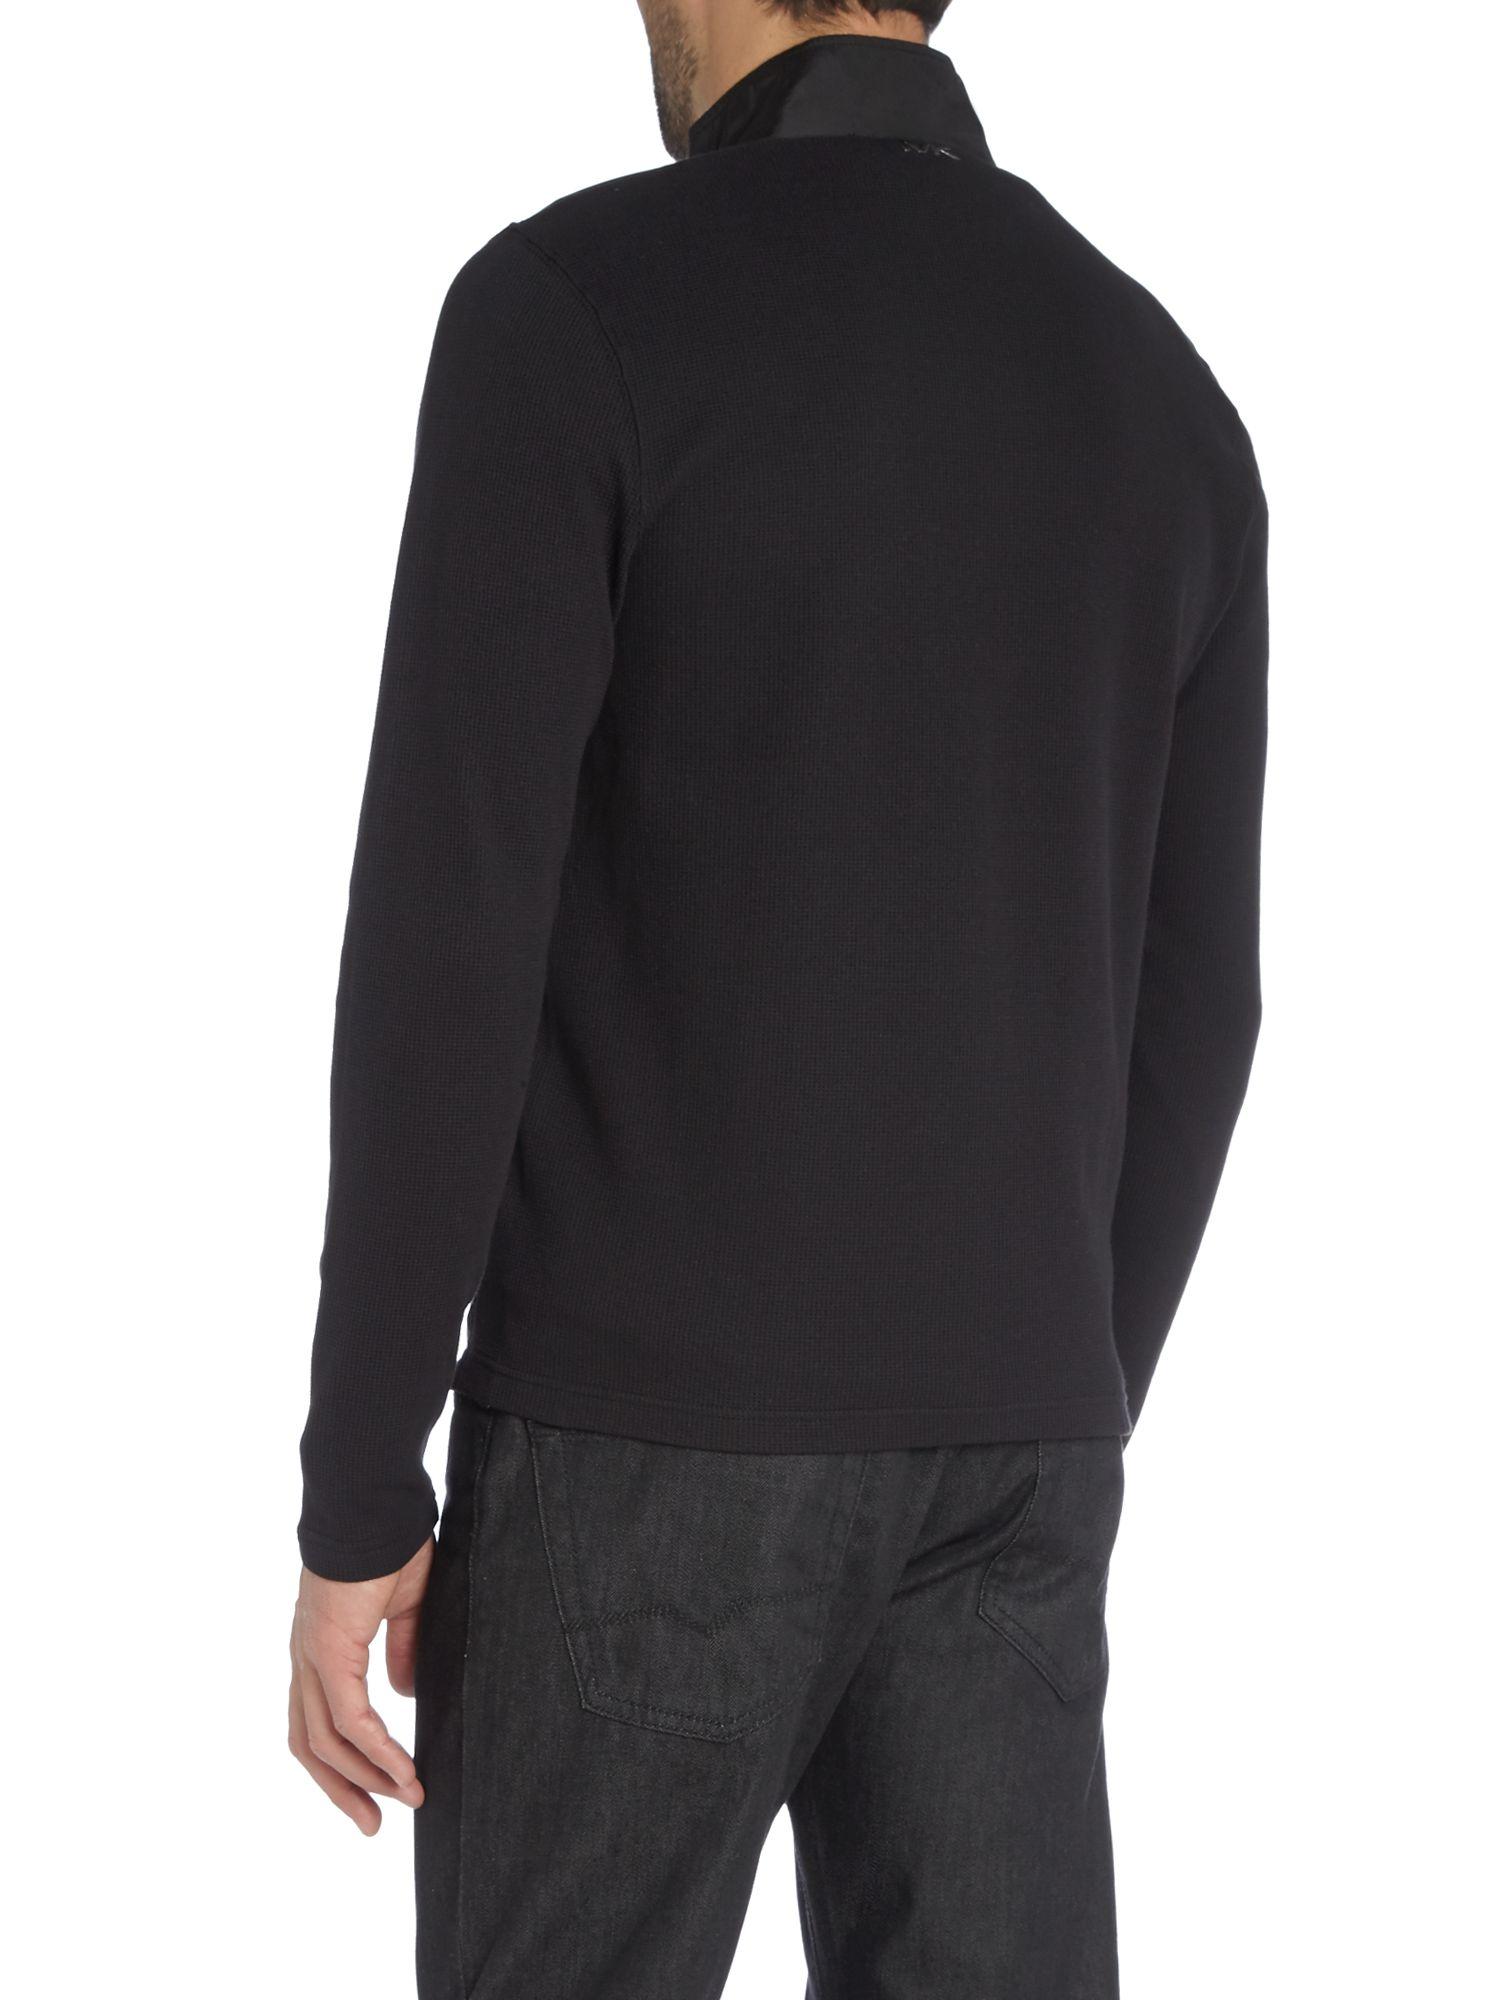 Michael Kors Zip Up Casual Bomber Jacket in Black for Men